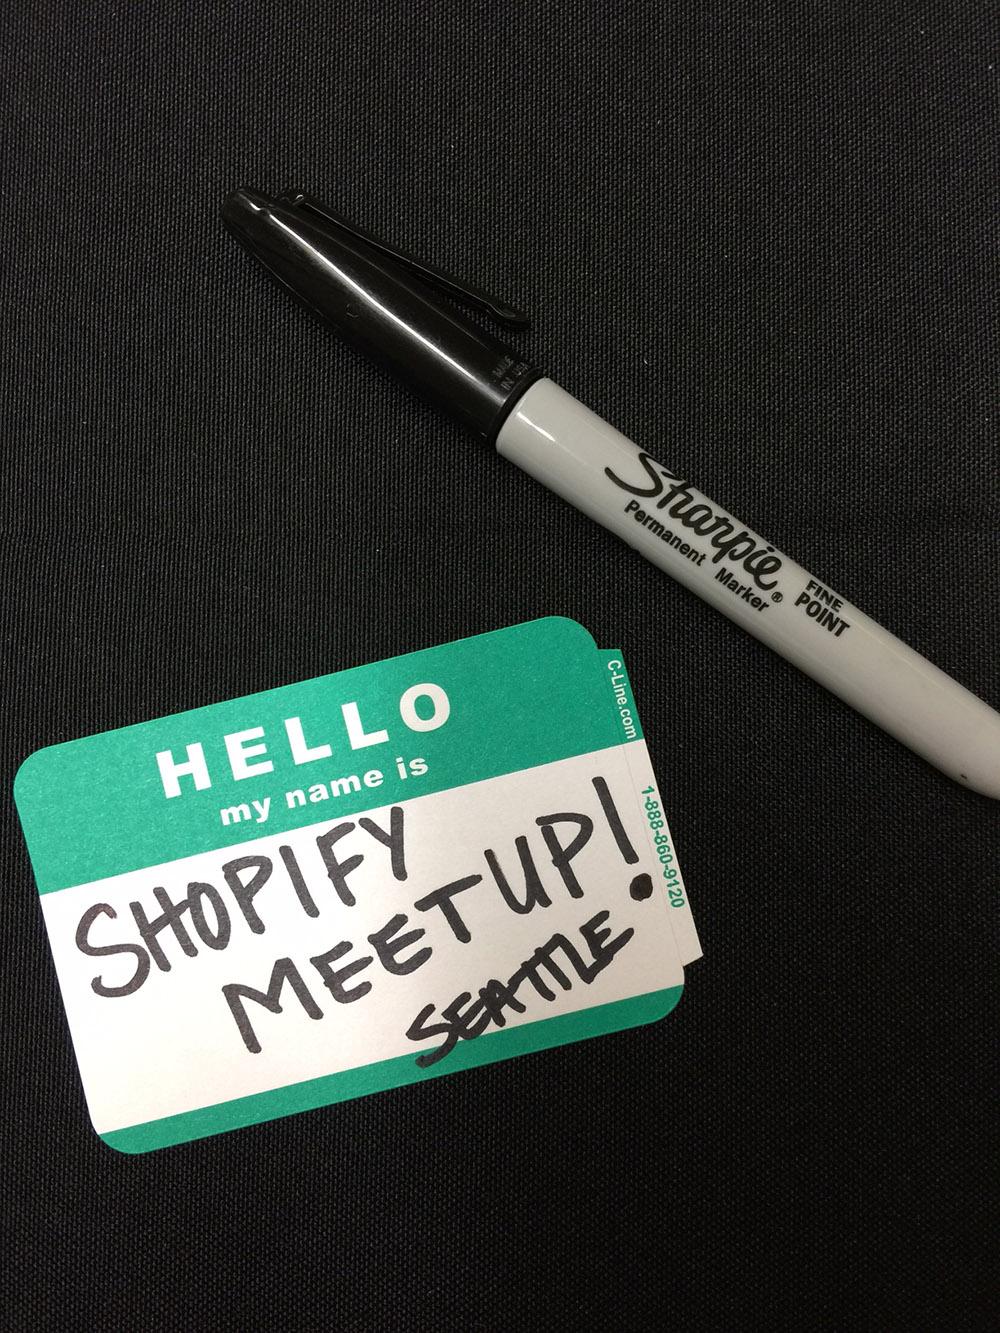 Shopify Seattle Meetup